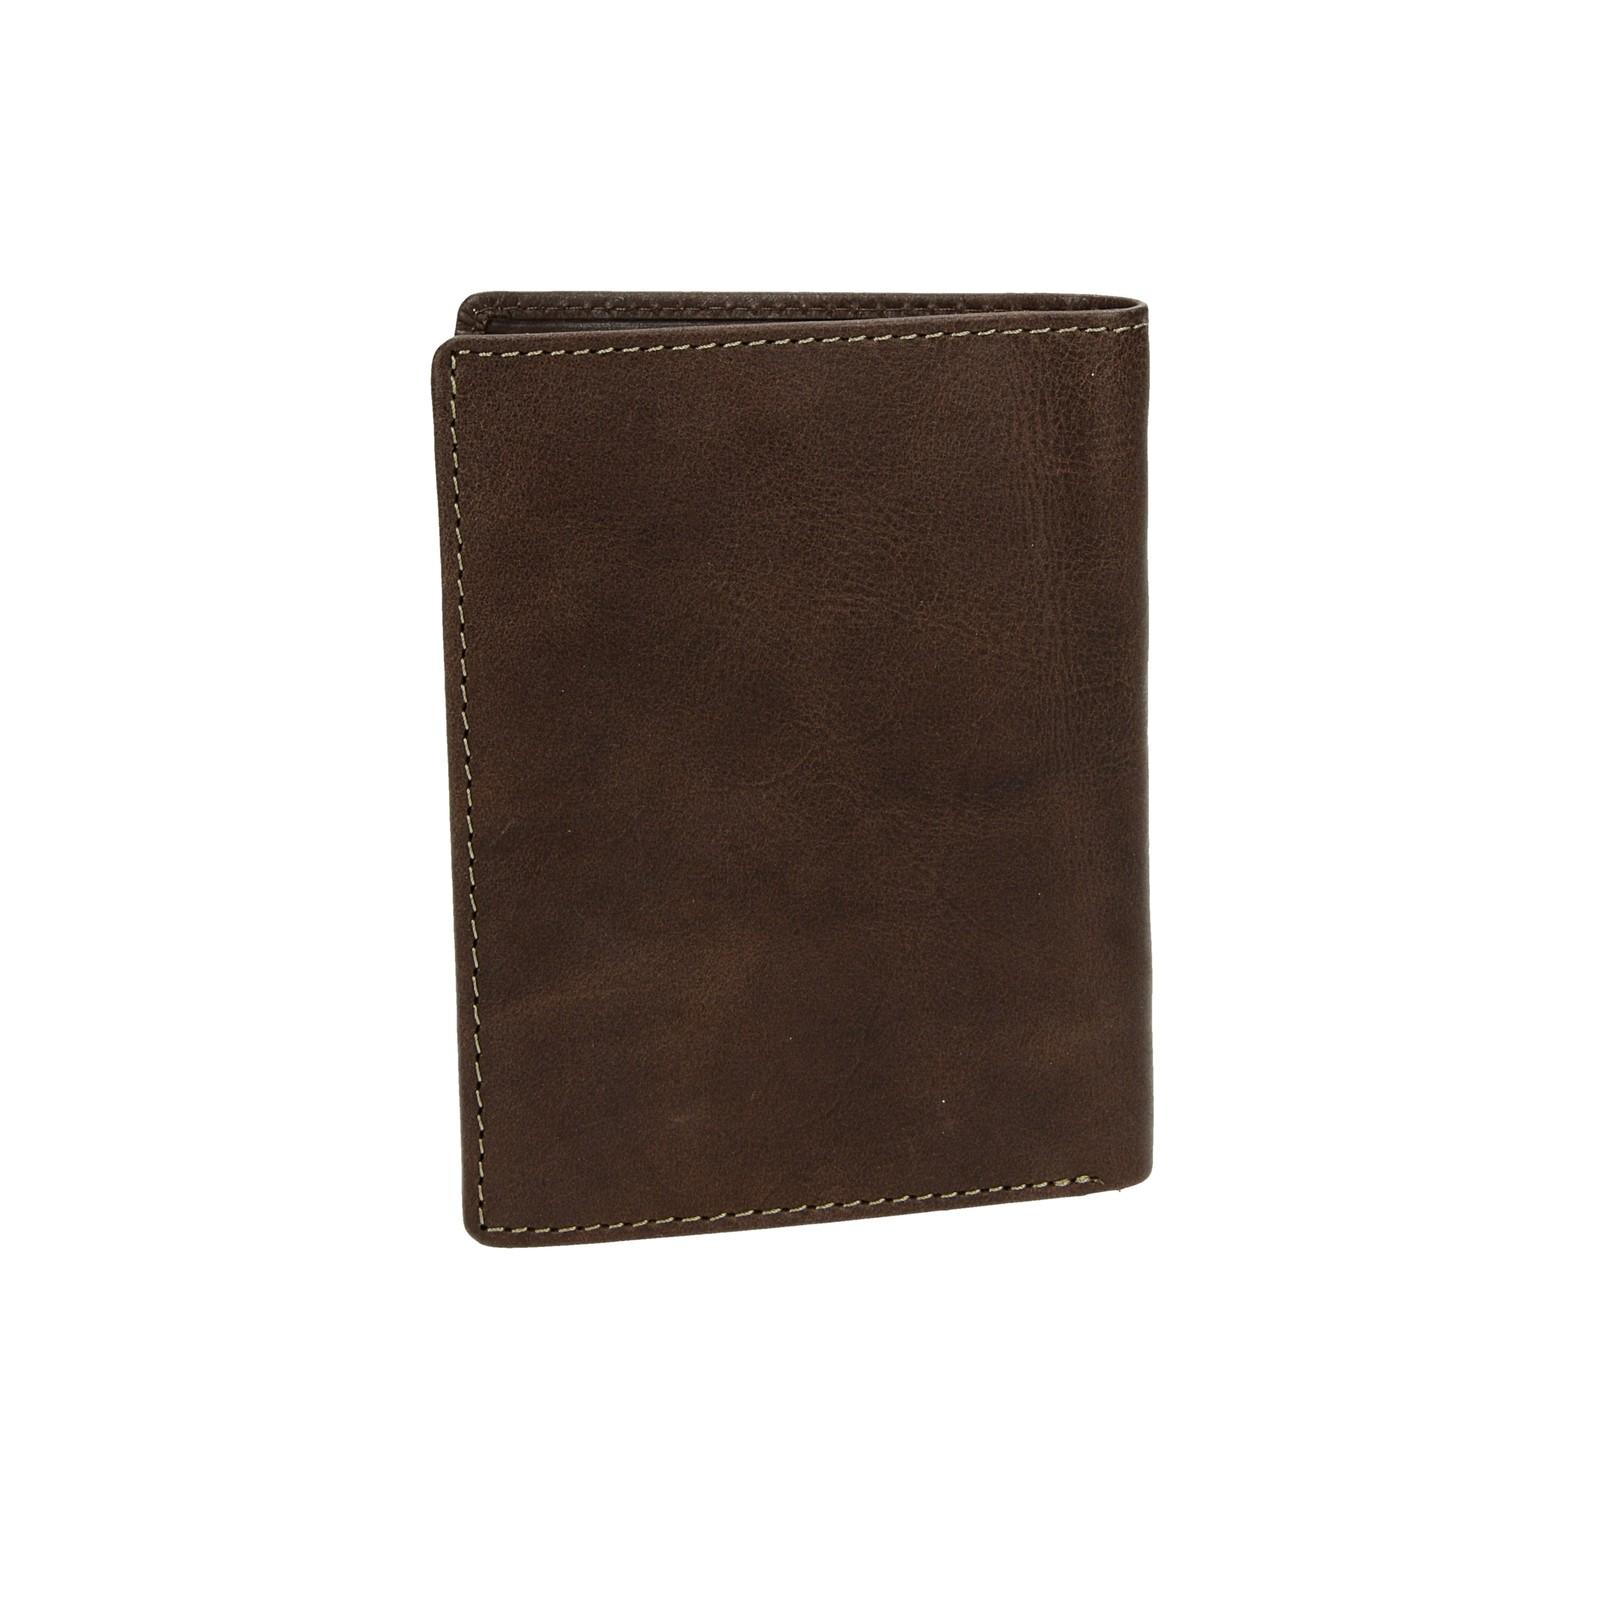 277f09b1b18d Metropoli pánska kožená peňaženka - tmavohnedá ...